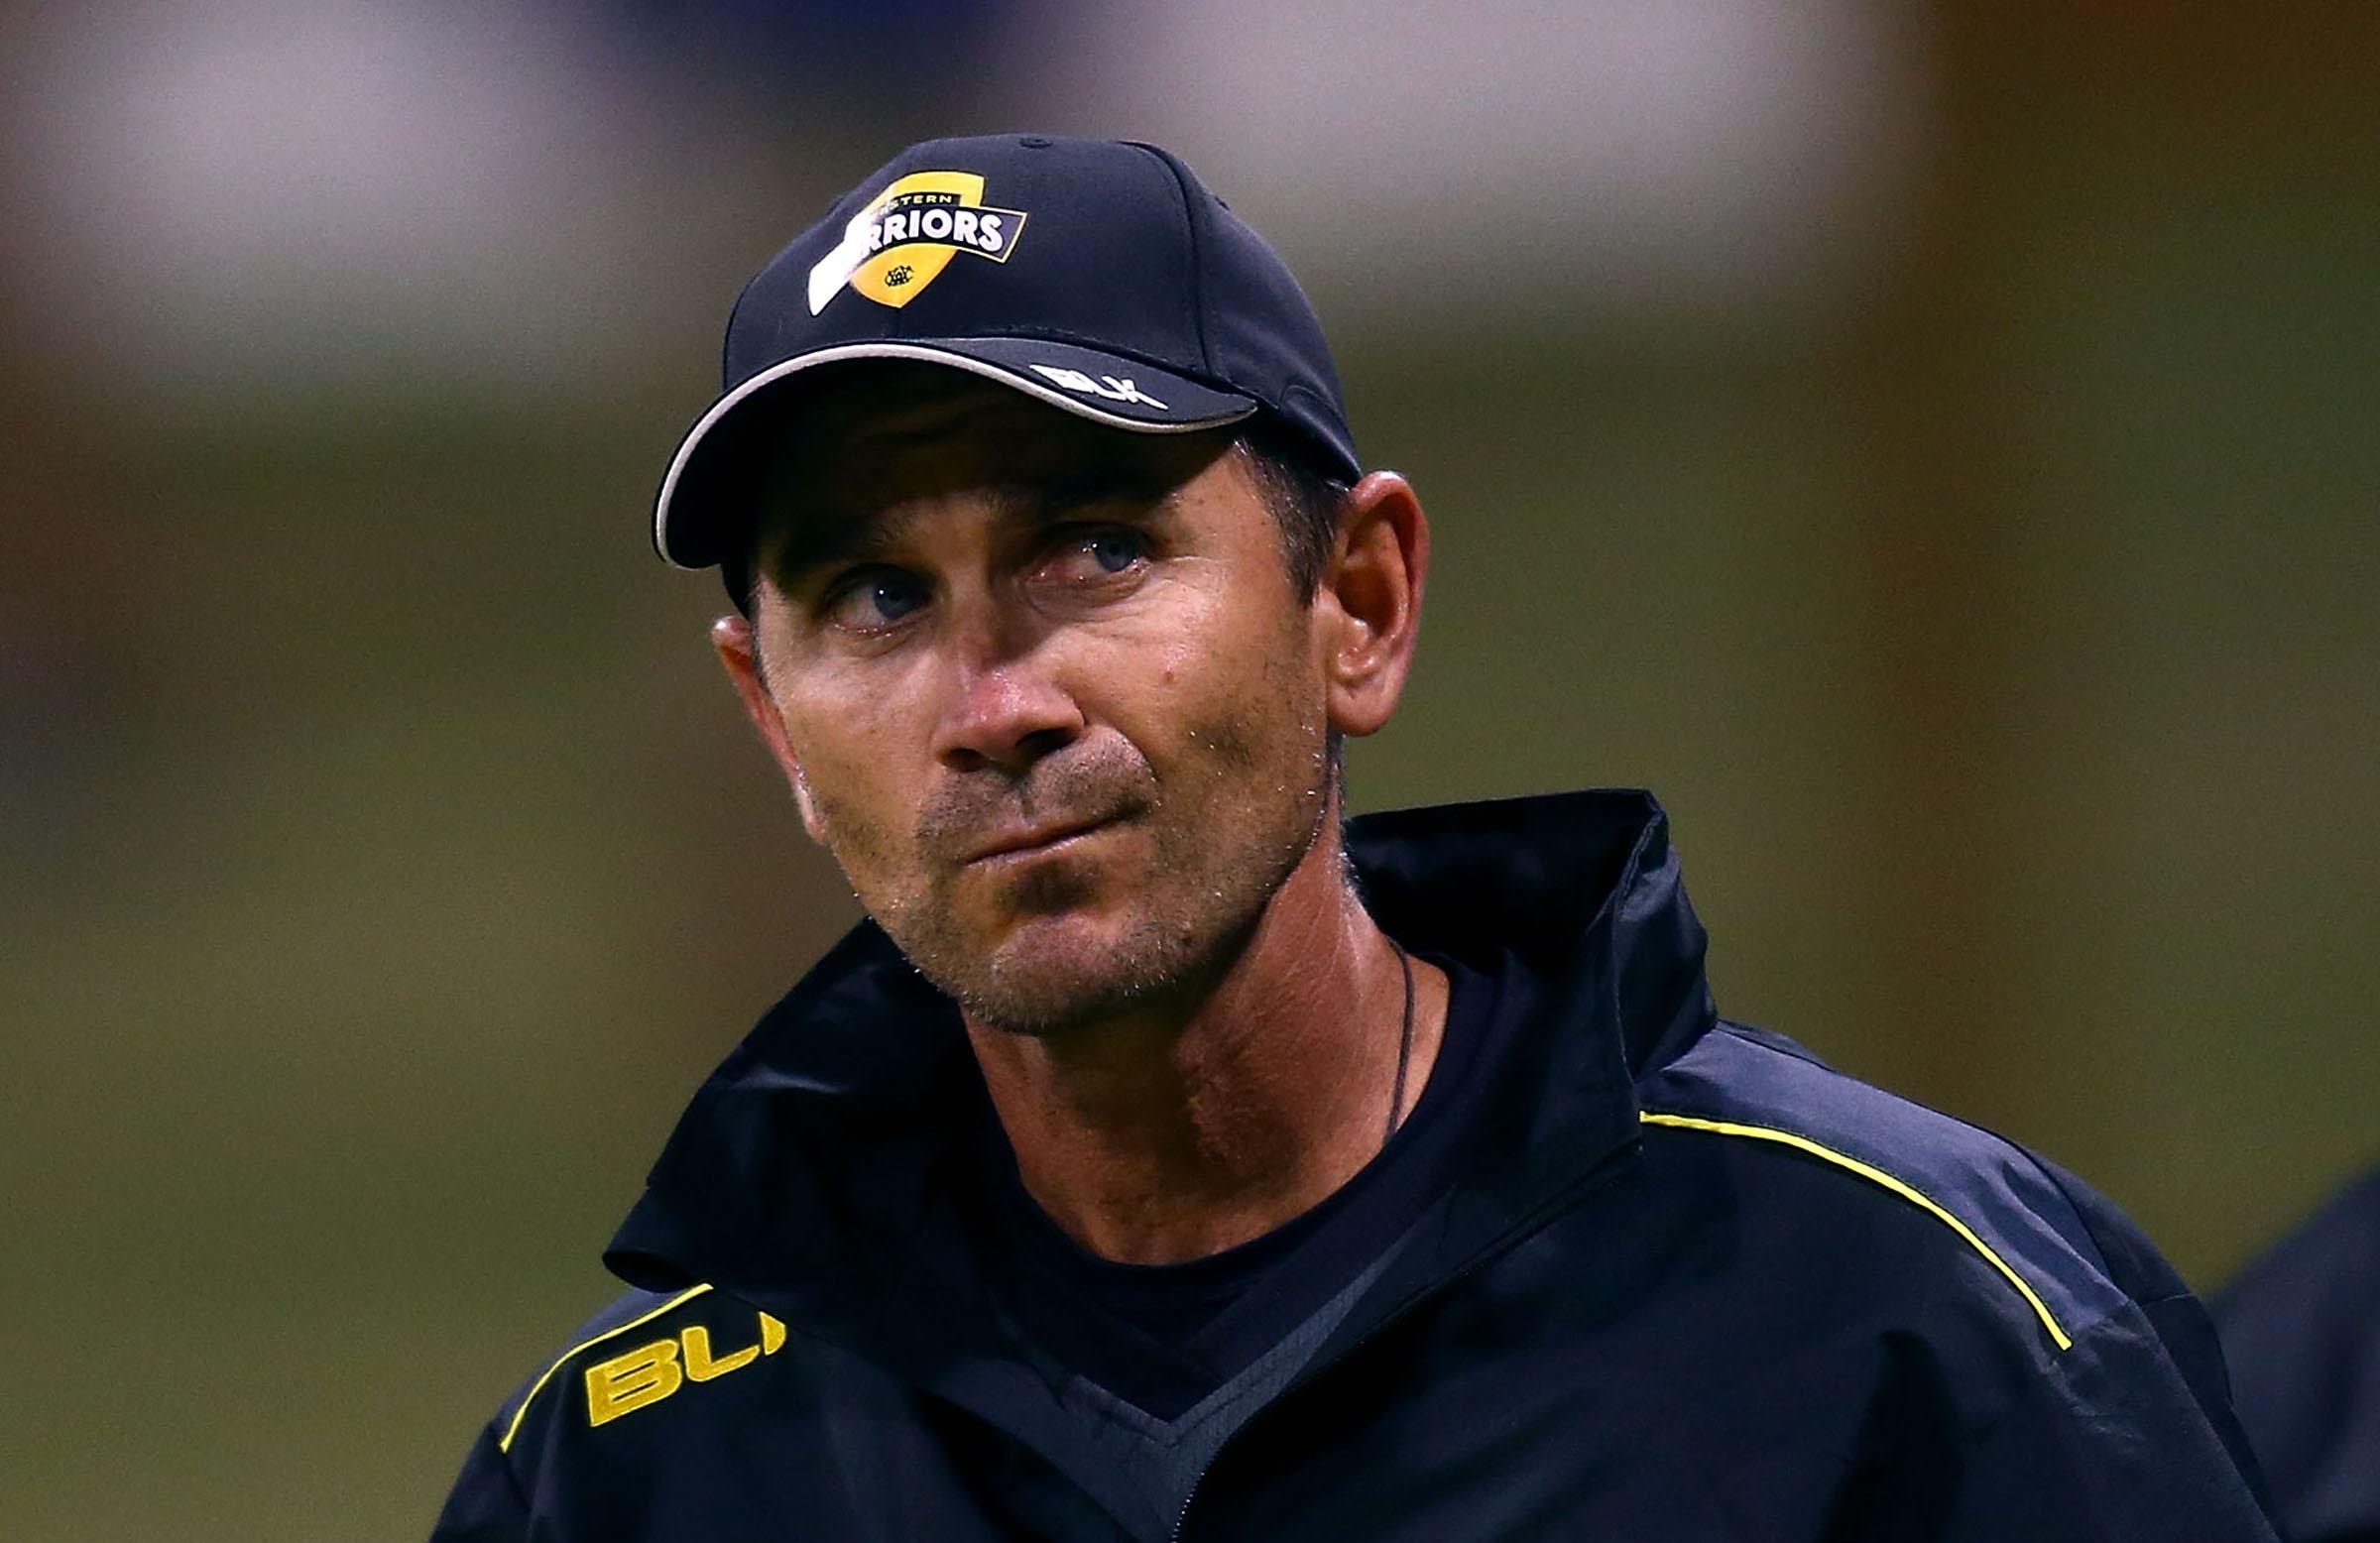 आॅस्ट्रेलिया के इस युवा गेंदबाज को एशेज सीरीज में खेलाने को लेकर लैंगर ने की वकालत, बताया टीम के लिए लम्बी रेस का घोड़ा 3